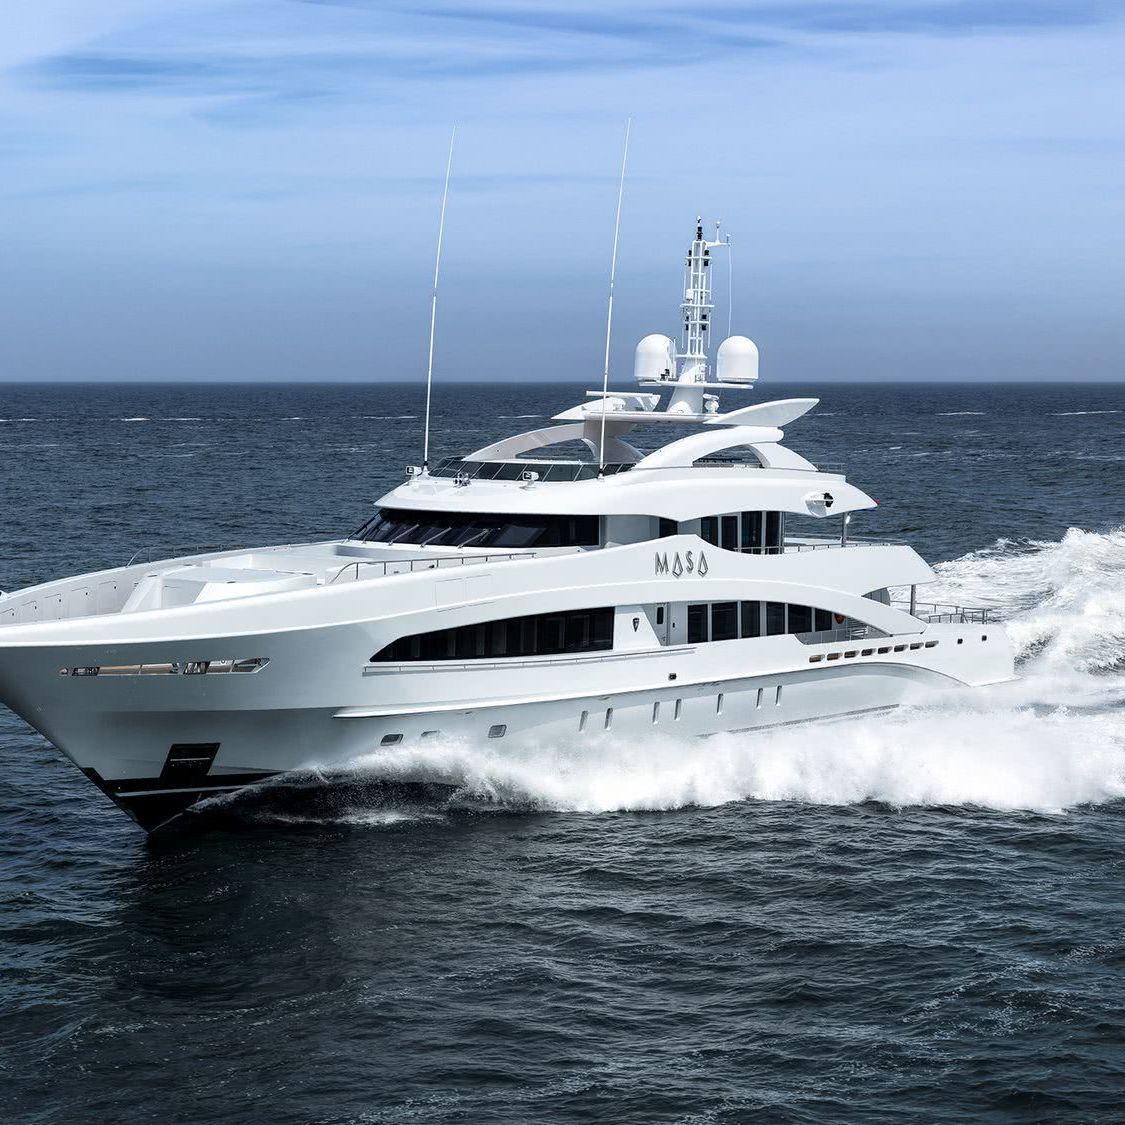 Masa Yacht Heesen Yachts